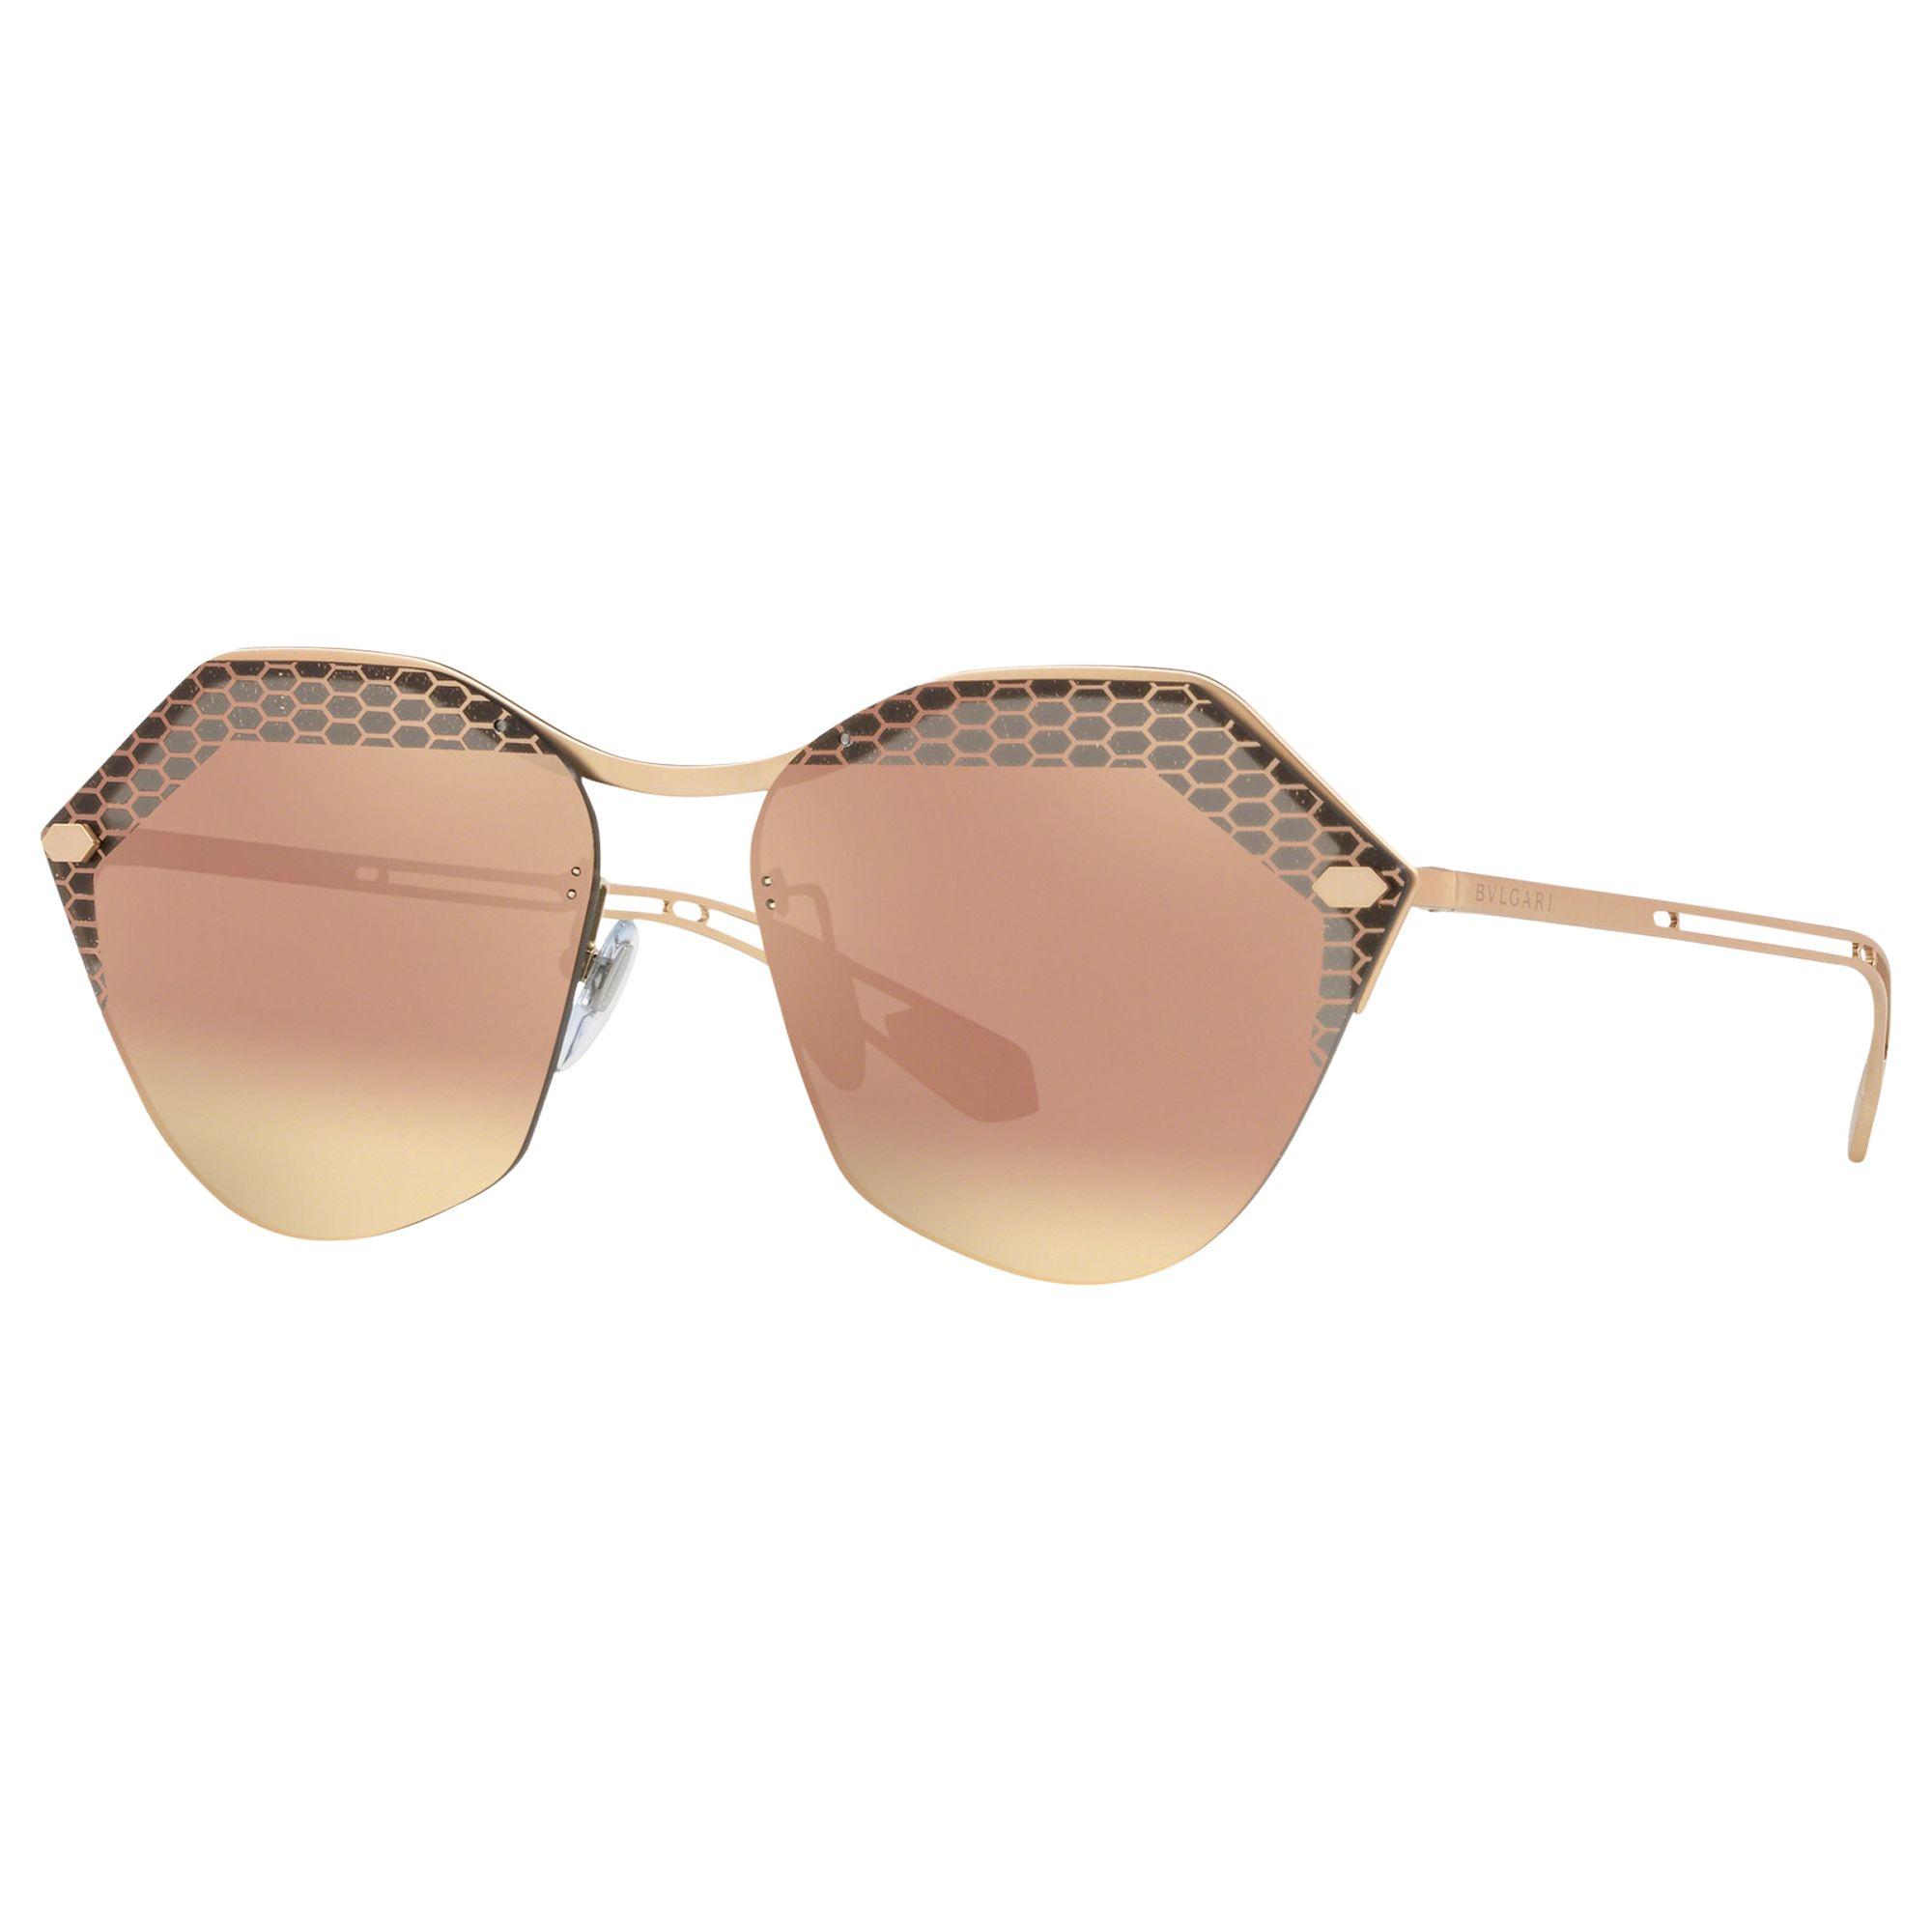 Bvlgari BVLGARI BV6109 Women's Irregular Sunglasses, Gold/Mirror Pink